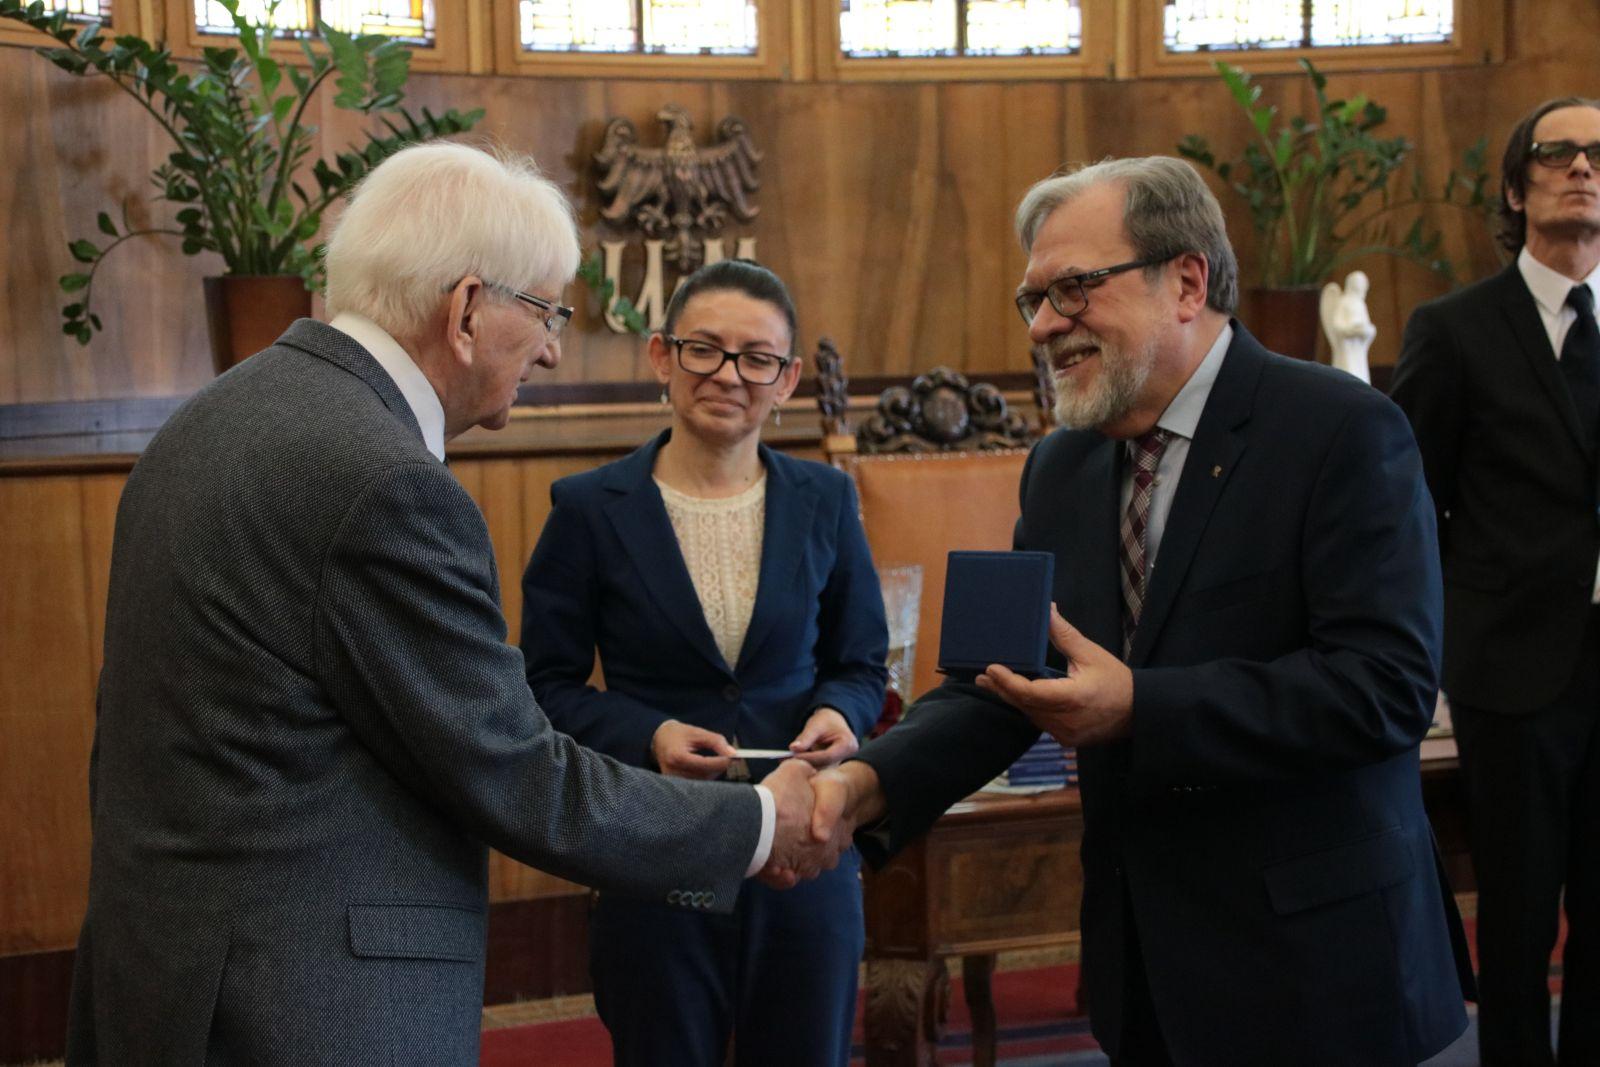 Zdjęcie - Rektor UAM wręcza medal Homini Vere Academico